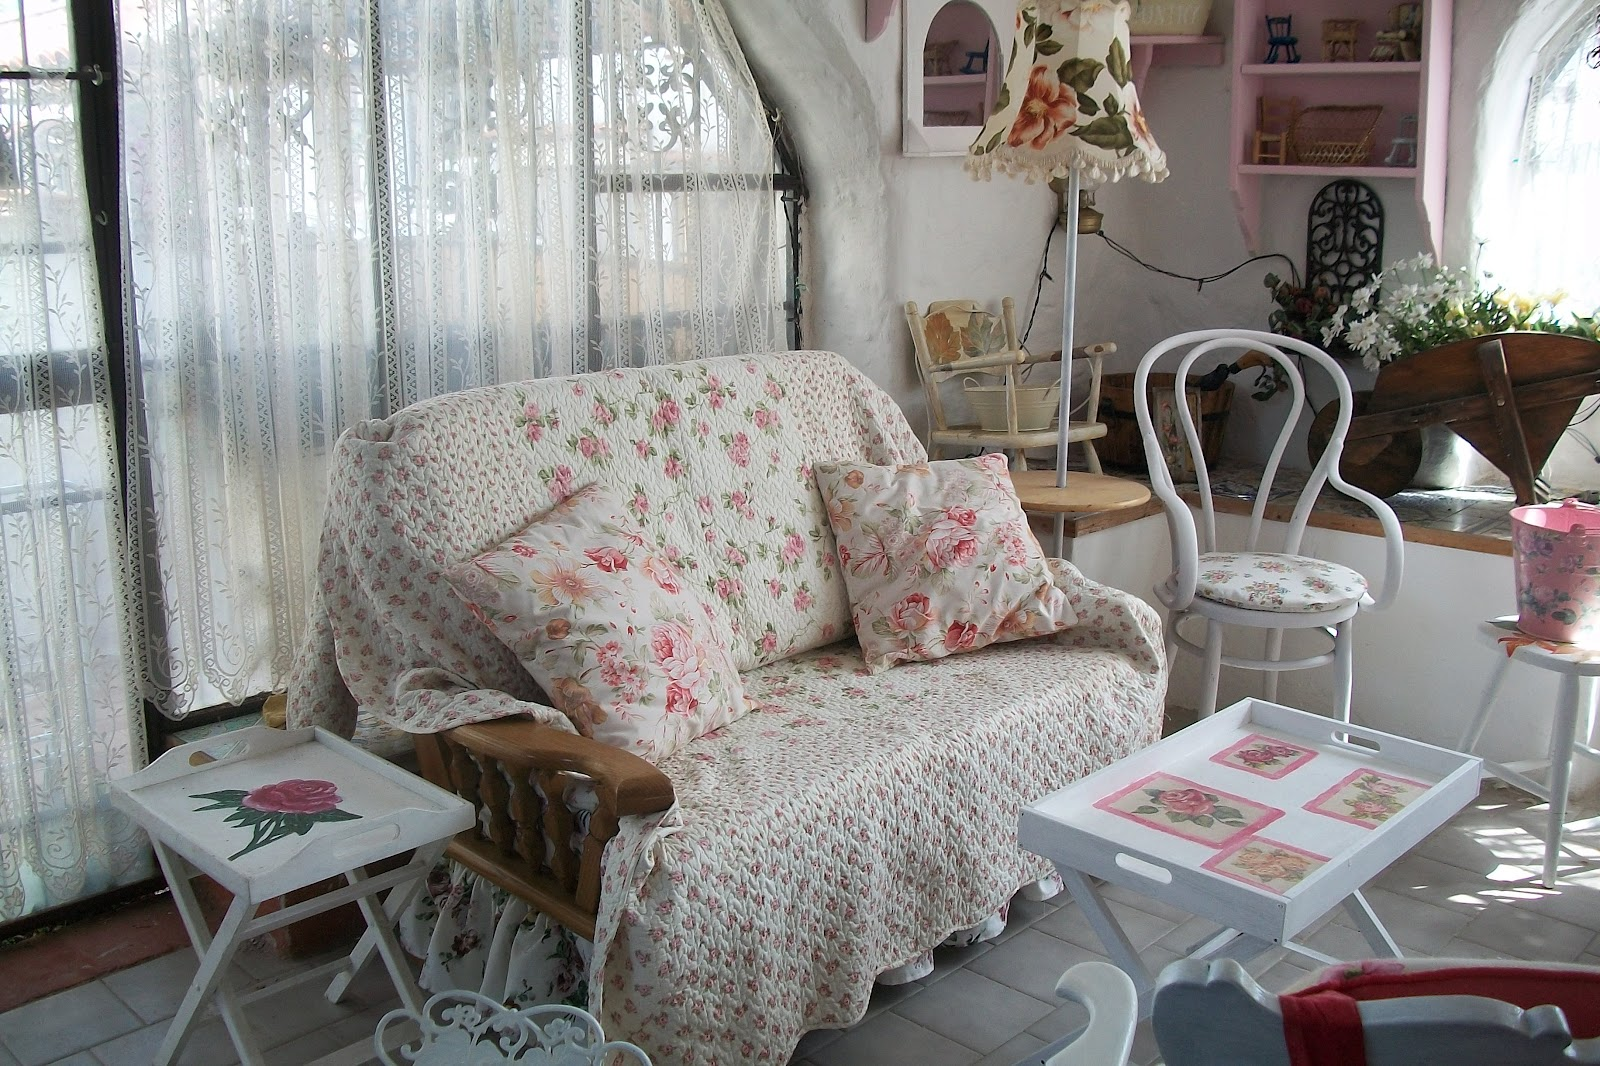 Divano a l piccolo idee per il design della casa for Piccolo creatore della pianta della casa